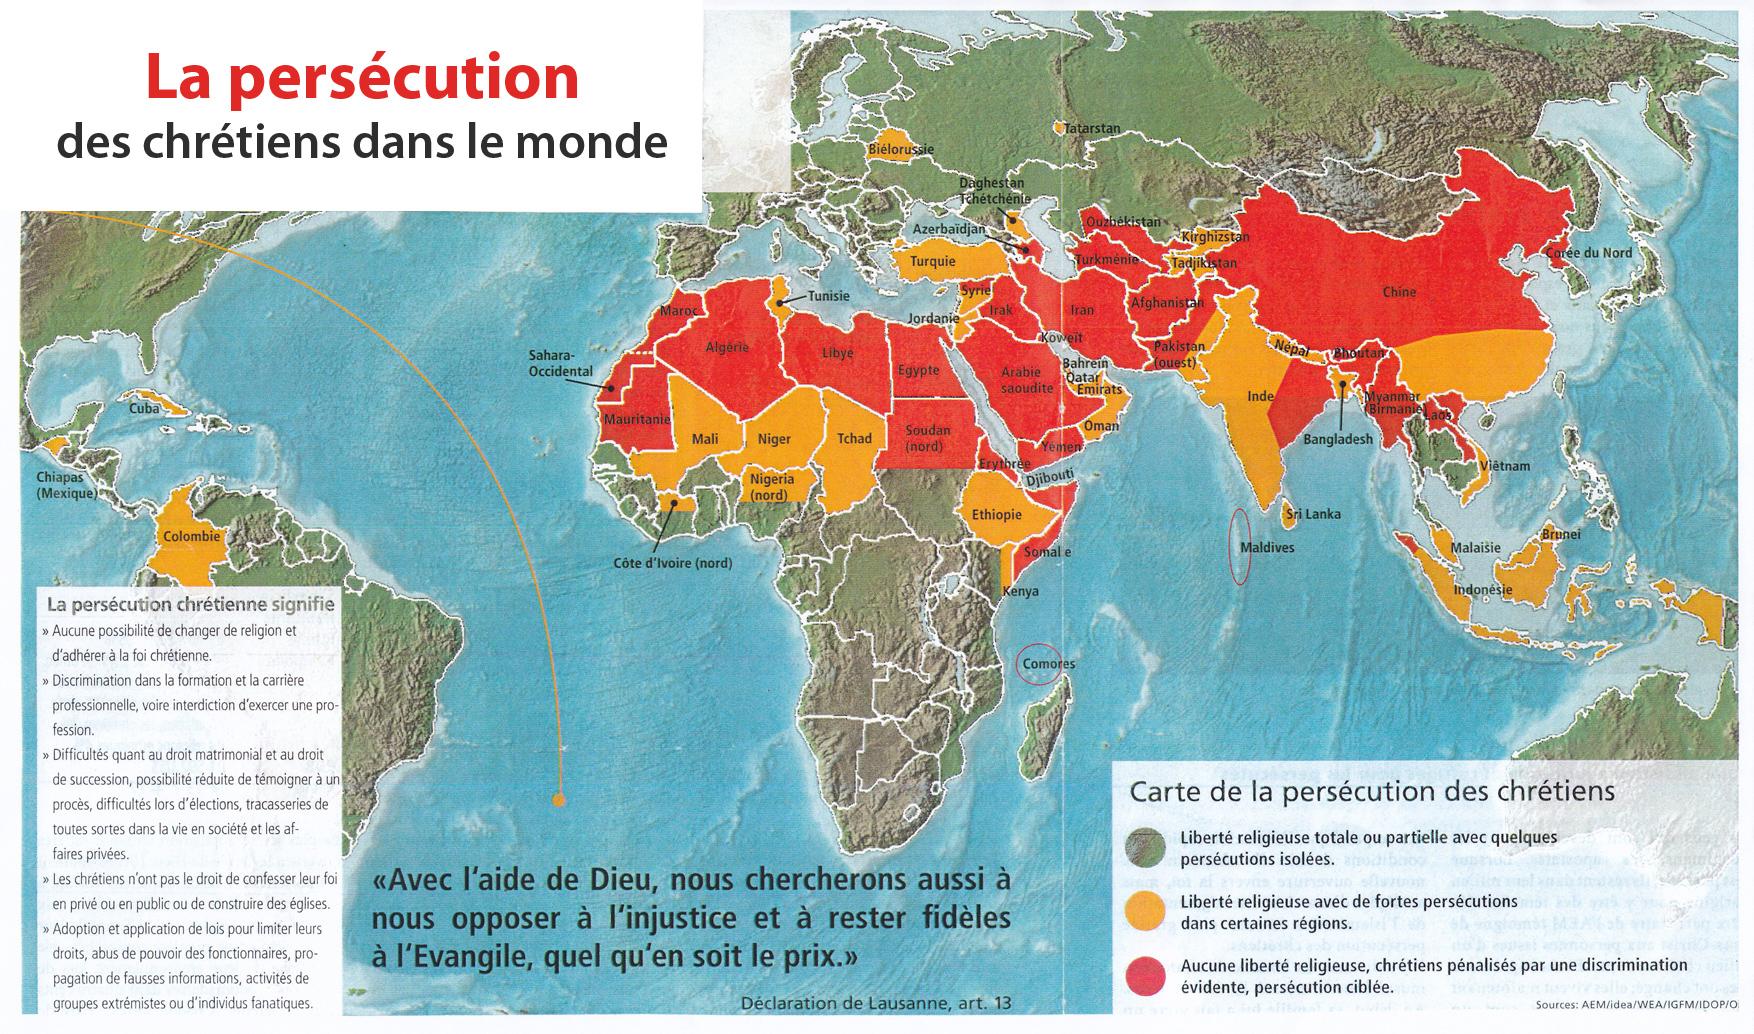 http://connaitre-la-verite.com/images/carte-chretiens-persecutes.jpg